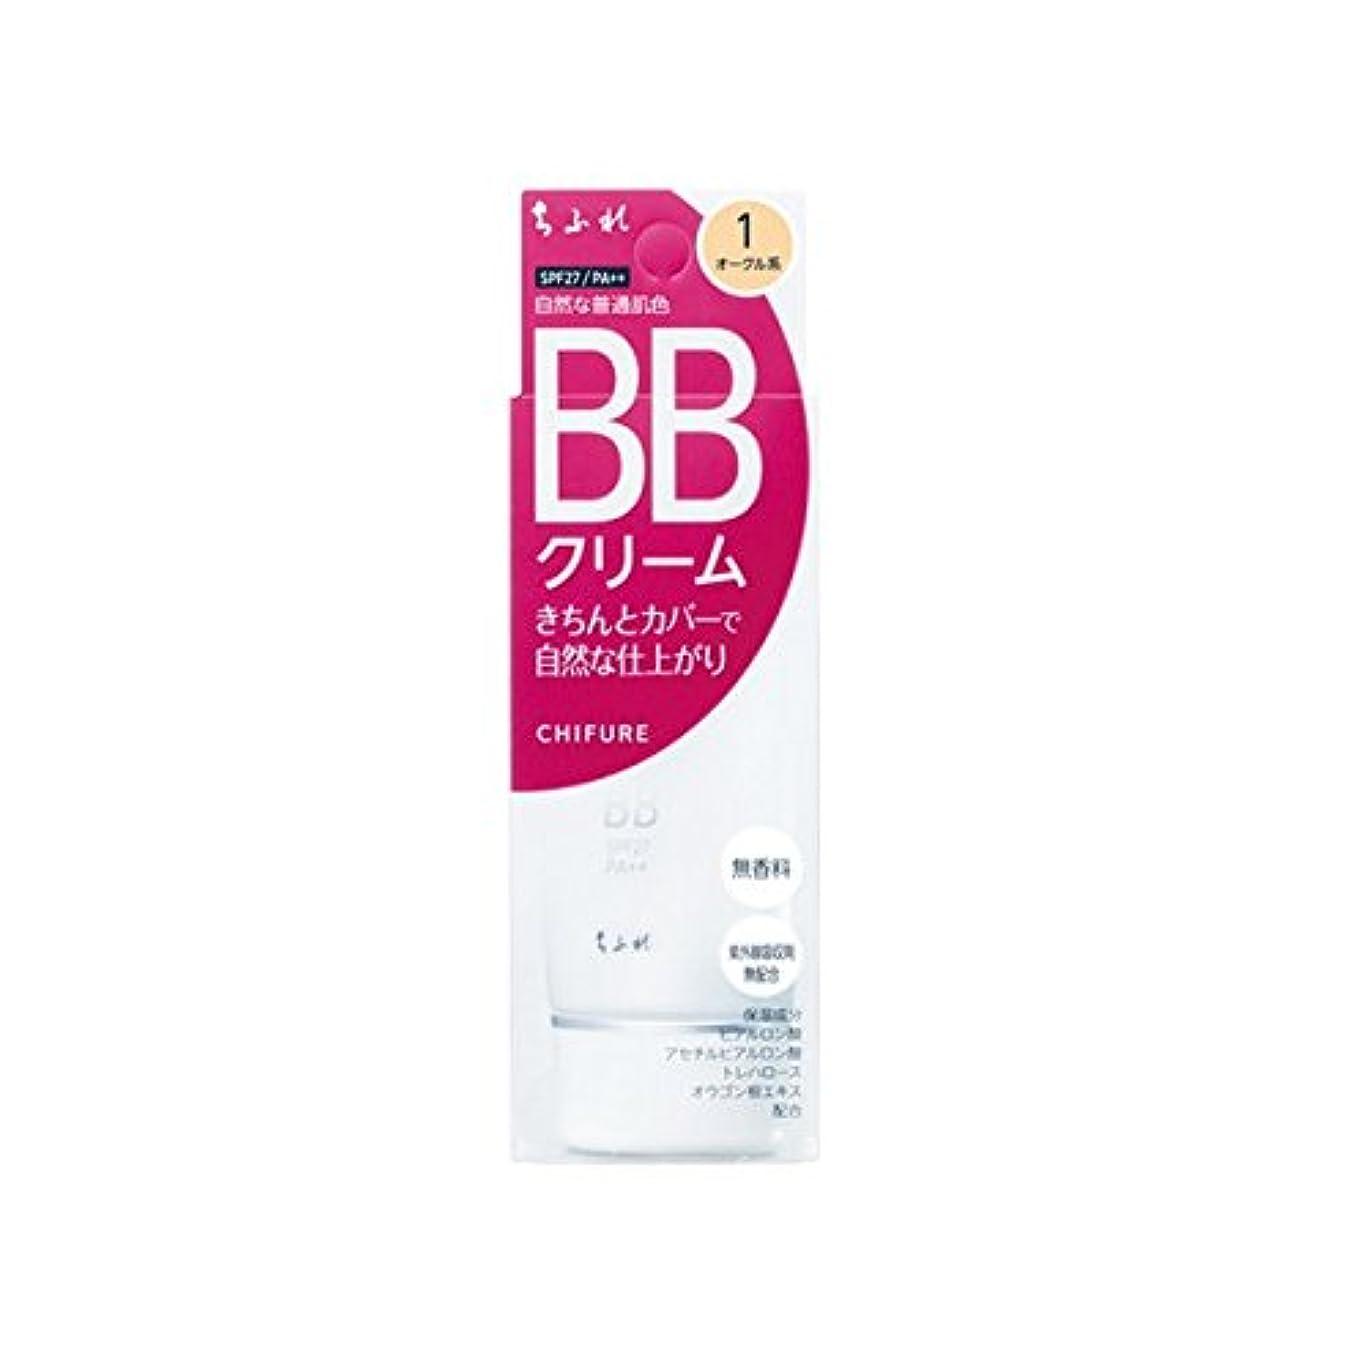 静けさ人差し指生じるちふれ化粧品 BB クリーム 1 自然な普通肌色 BBクリーム 1